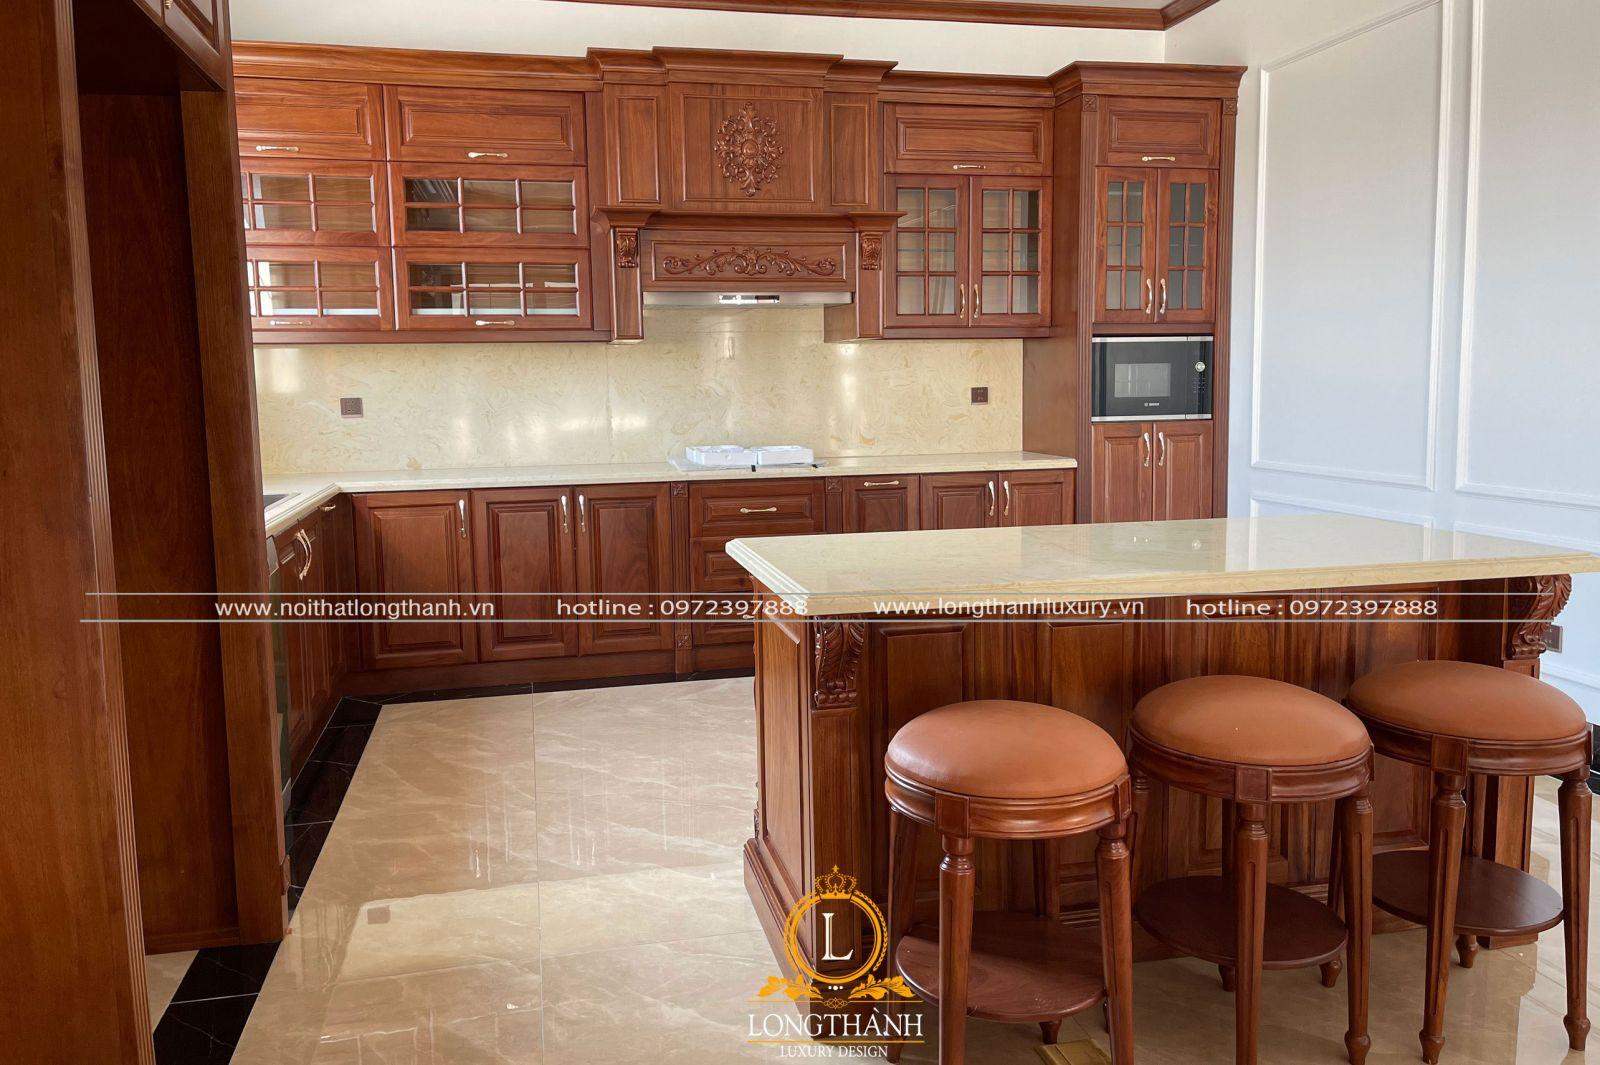 Hình ảnh thực tế mẫu tủ bếp tân cổ điển của nội thất Long Thành